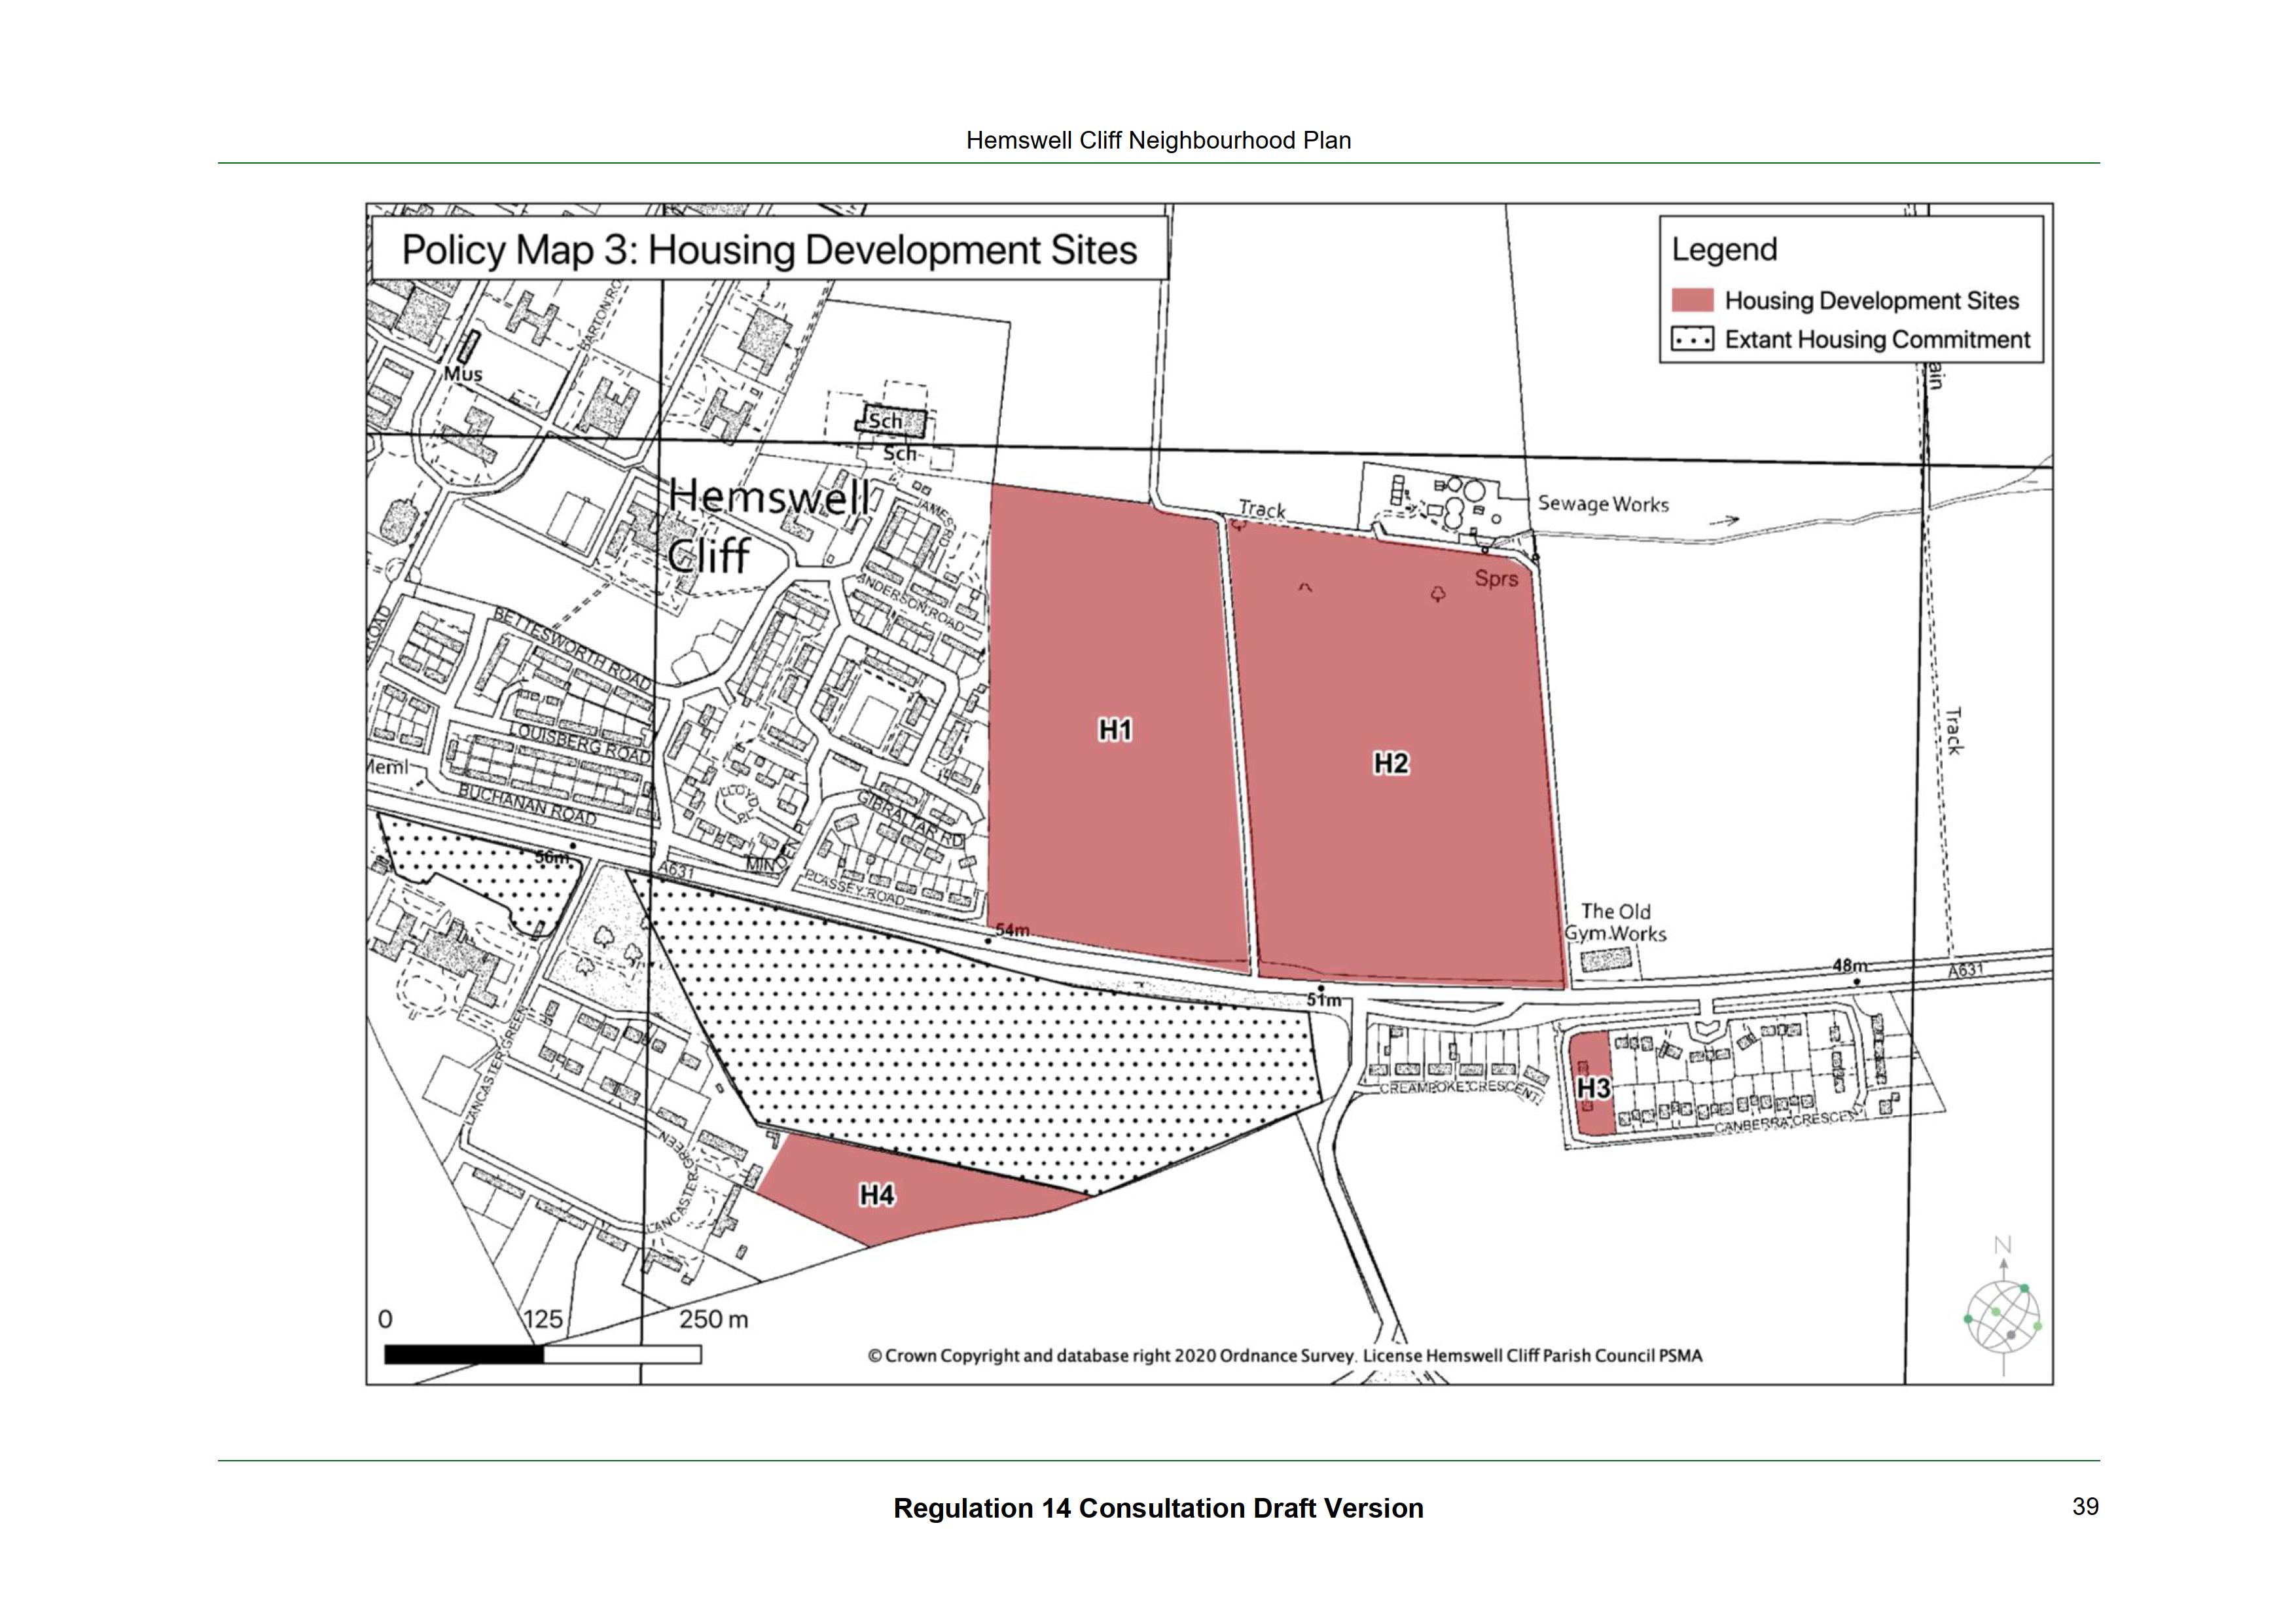 Hemswell_Cliff_R14_Draft_Neighbourhood_Plan_39.png